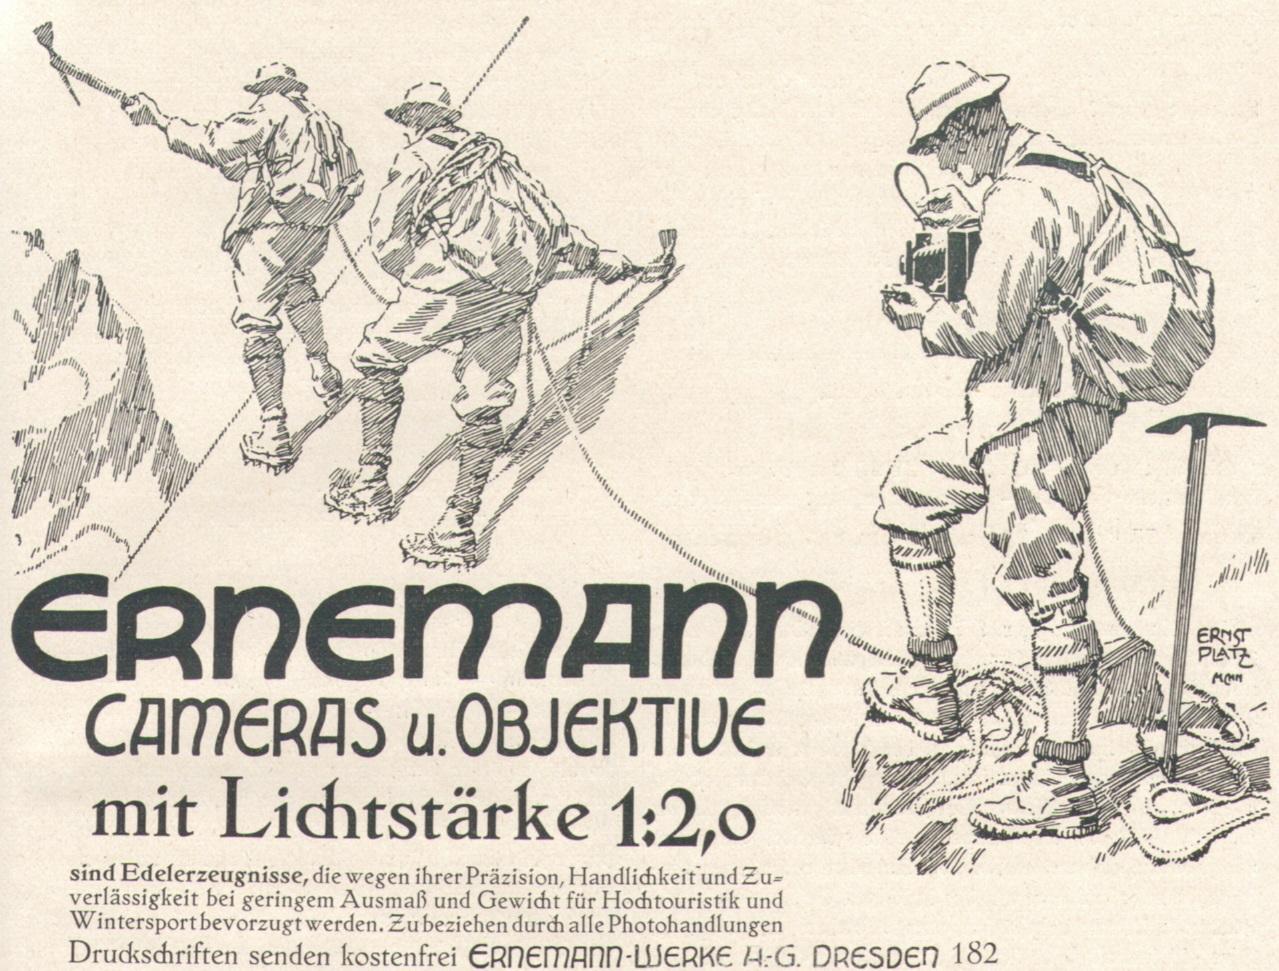 Ernst Platz03 1925p.jpg